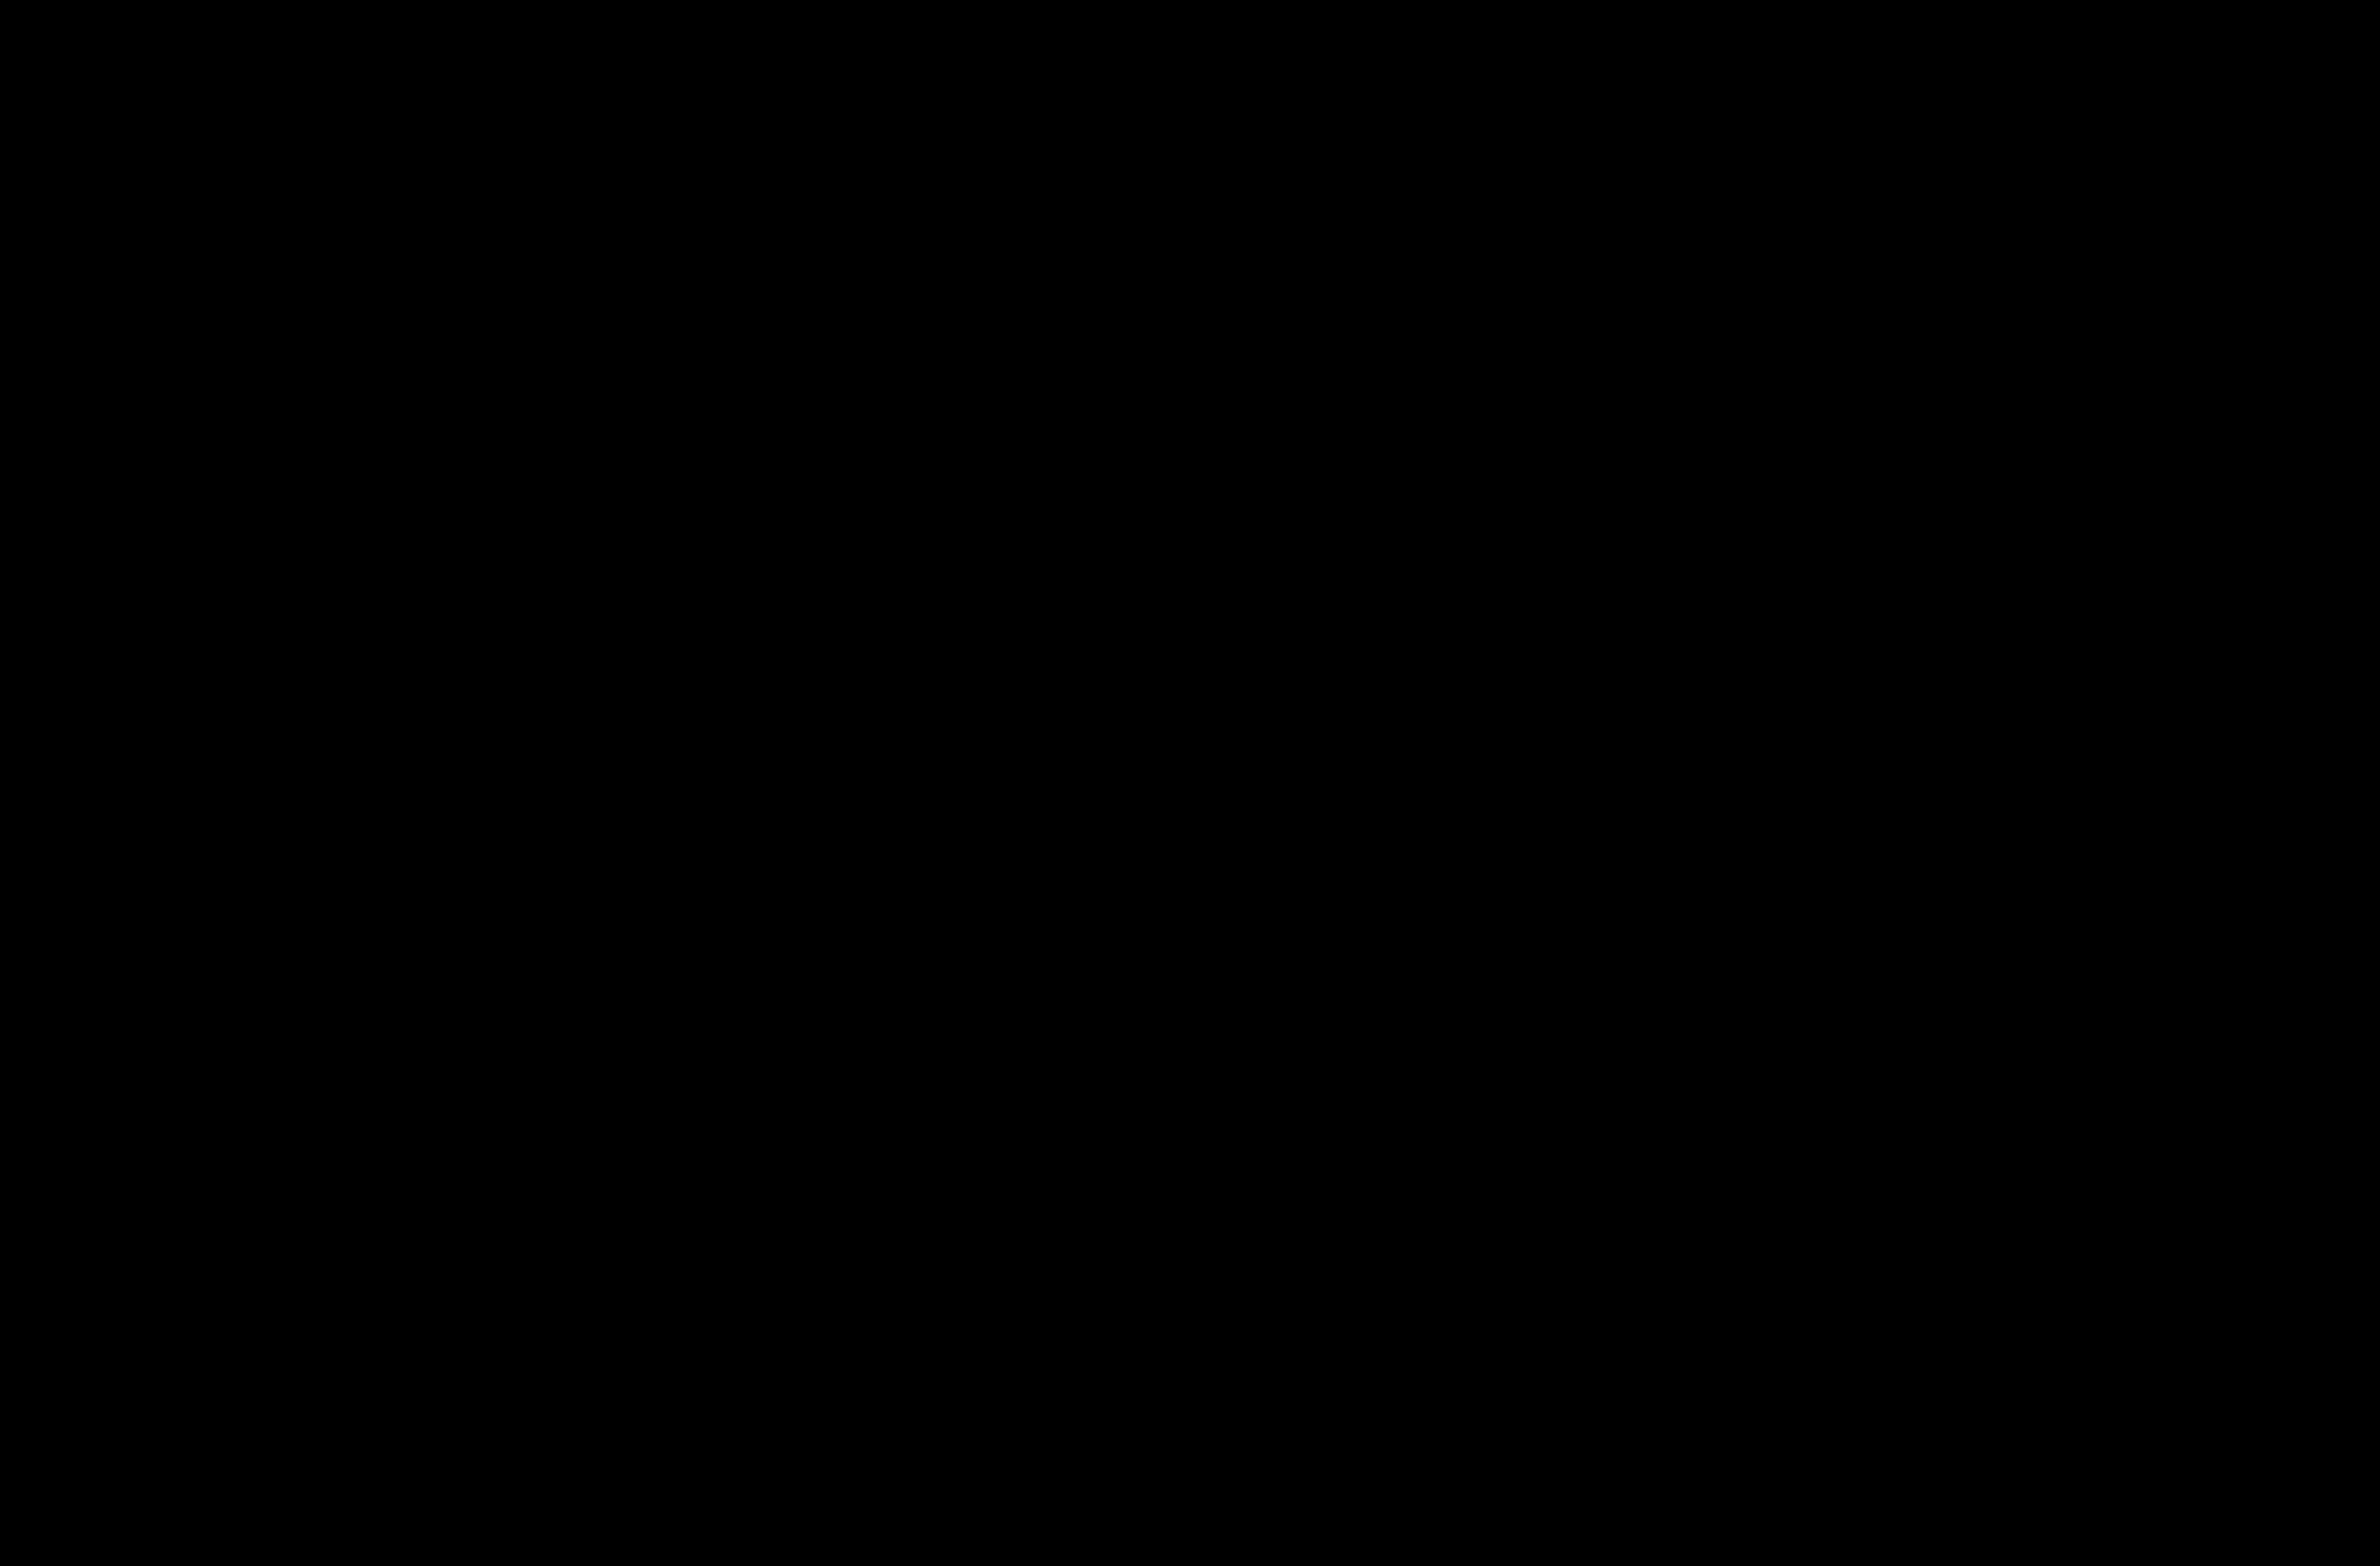 08-Sleeping in the desert